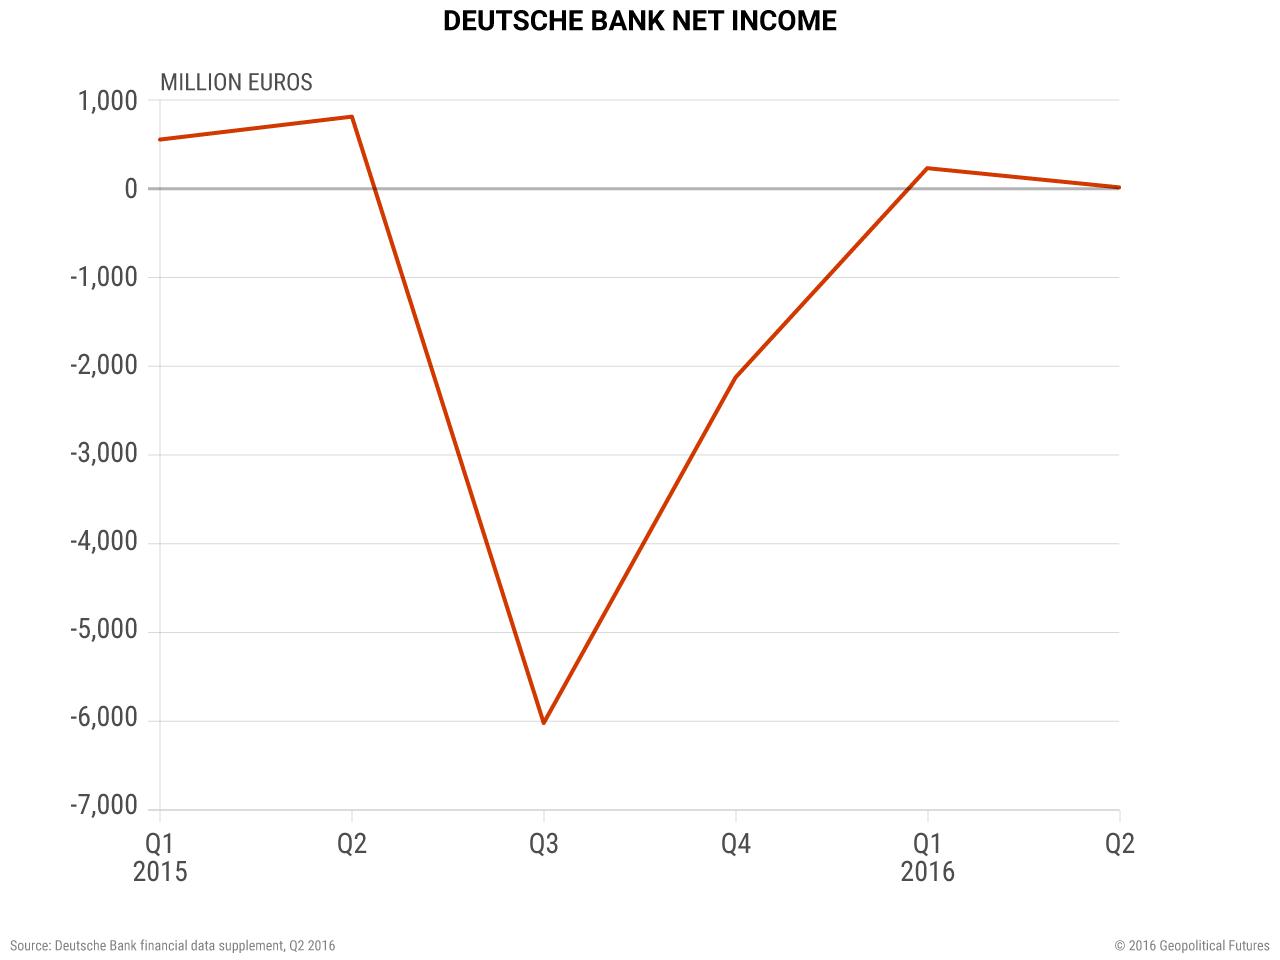 germany-deutsche-bank-net-income